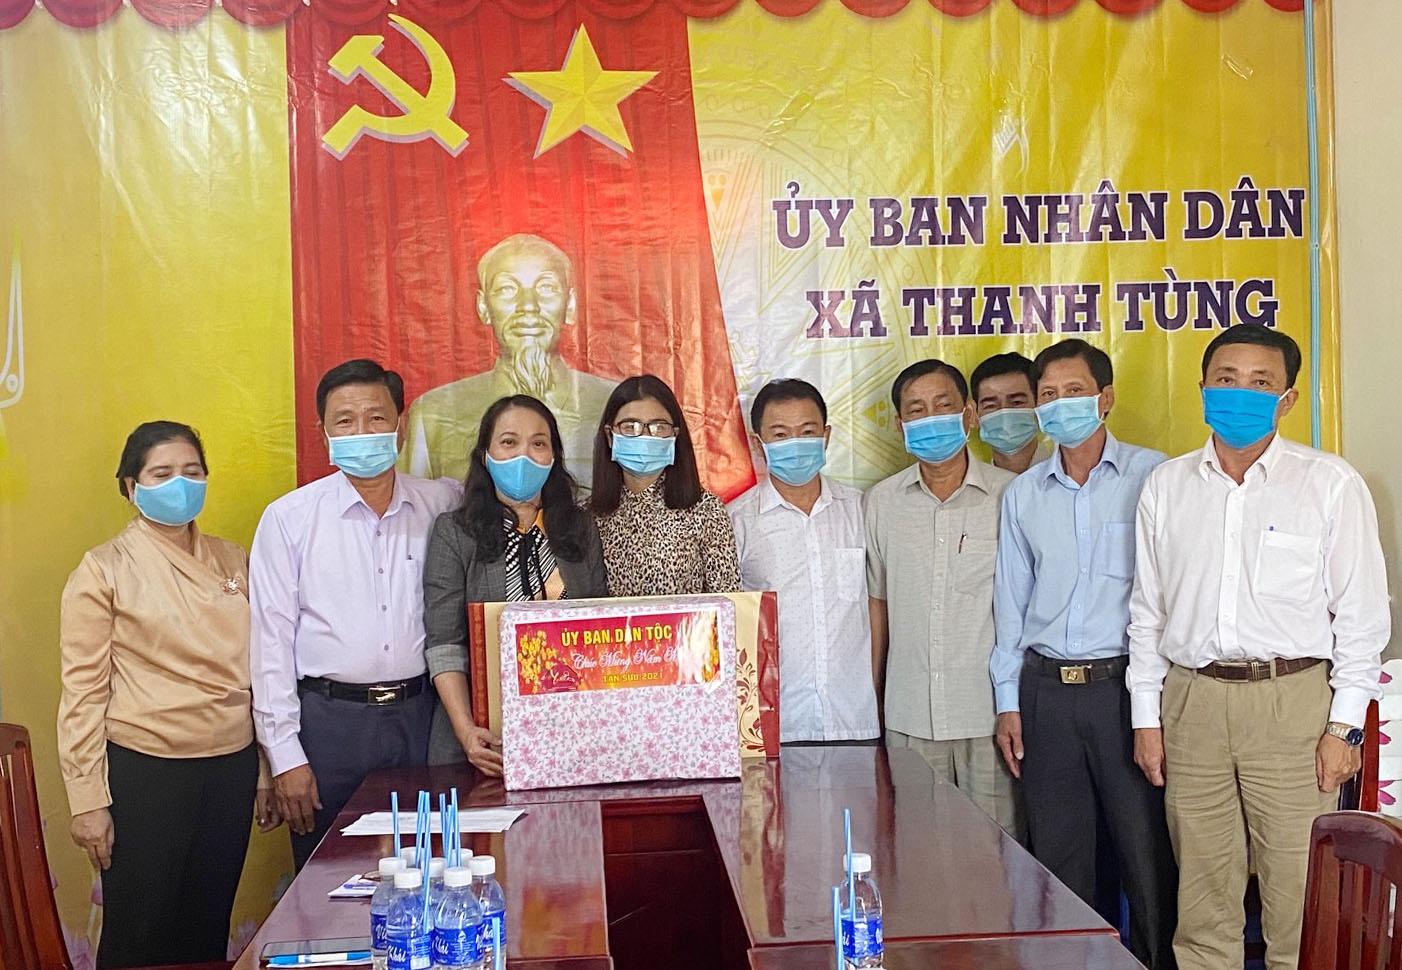 Thứ trưởng, Phó Chủ nhiệm Hoàng Thị Hạnh đến thăm và tặng quà Đảng uỷ, UBND xã Thanh Tùng